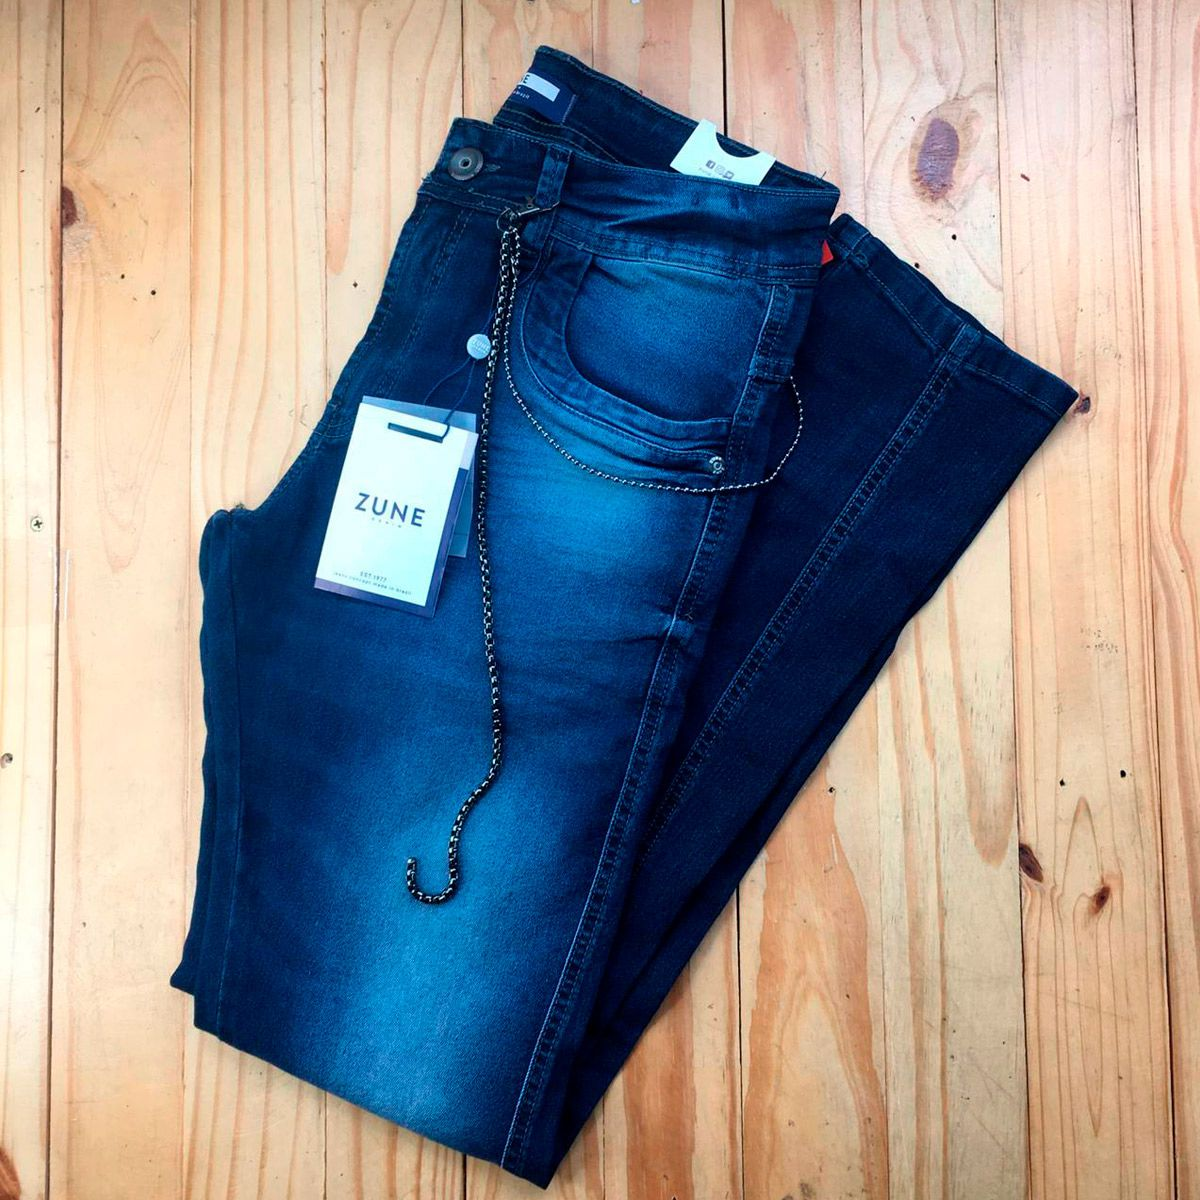 Calça Jeans Masculina Zune 33975